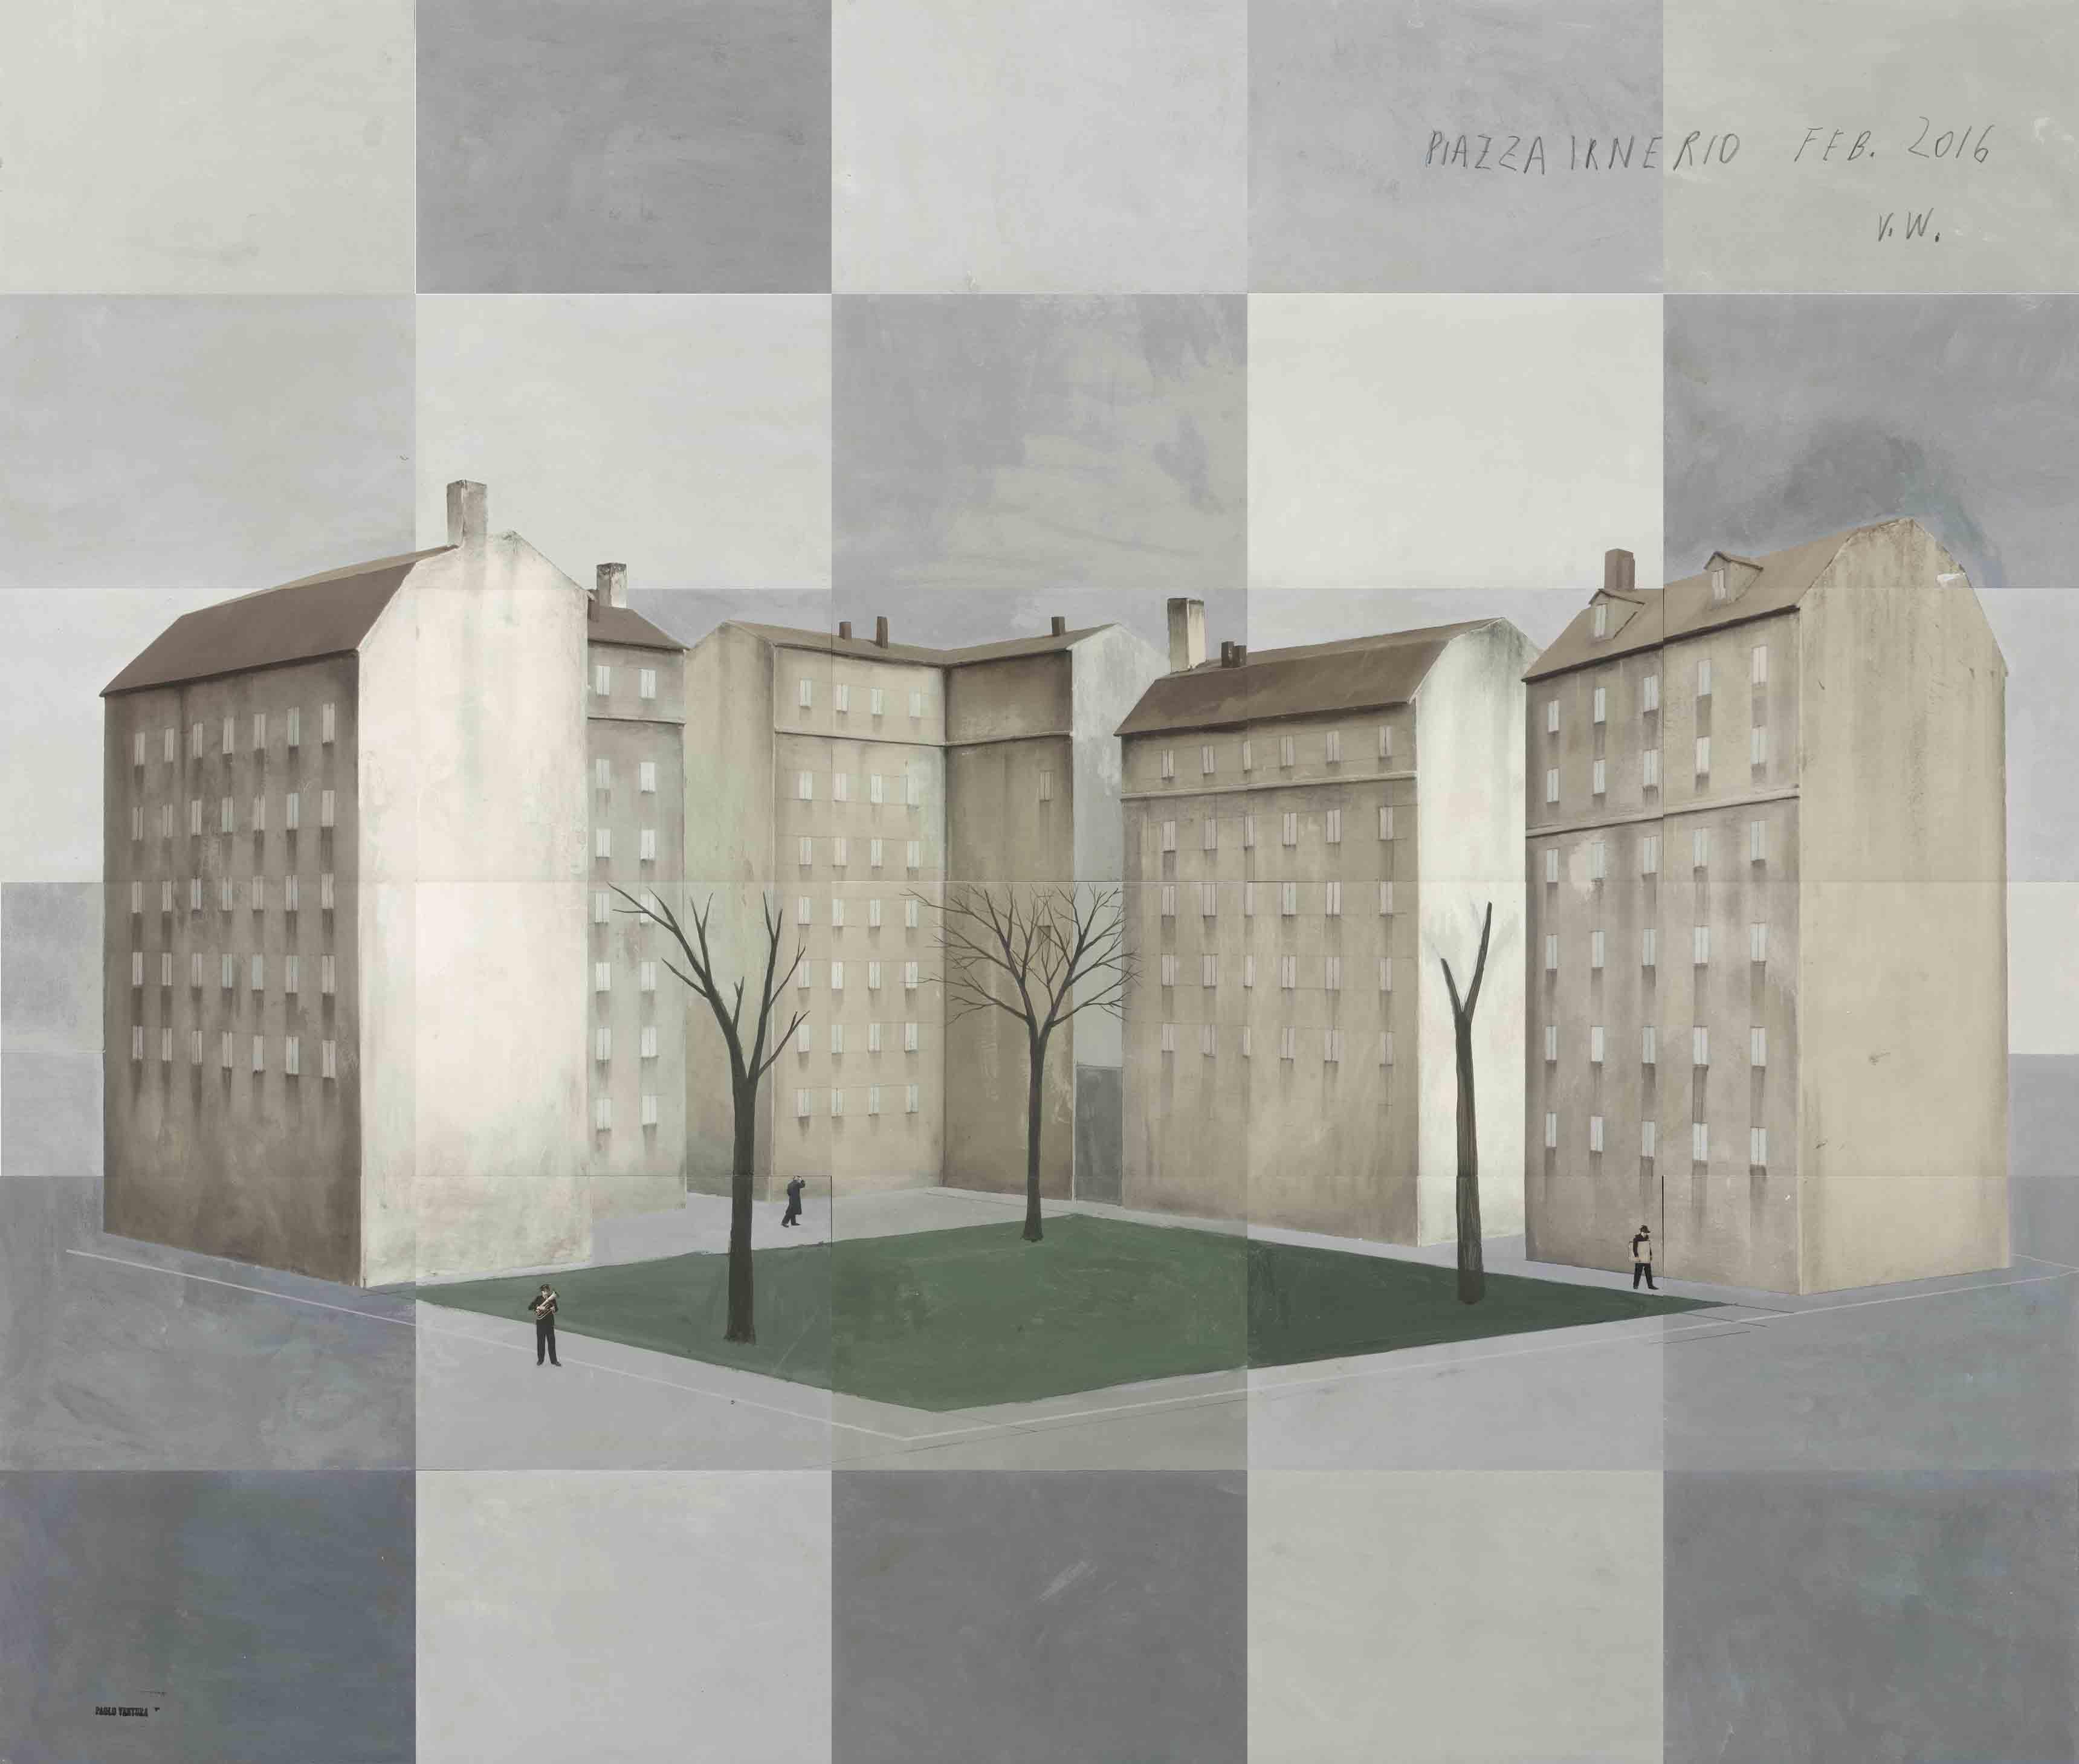 Piazza Irnerio  - Paolo Ventura